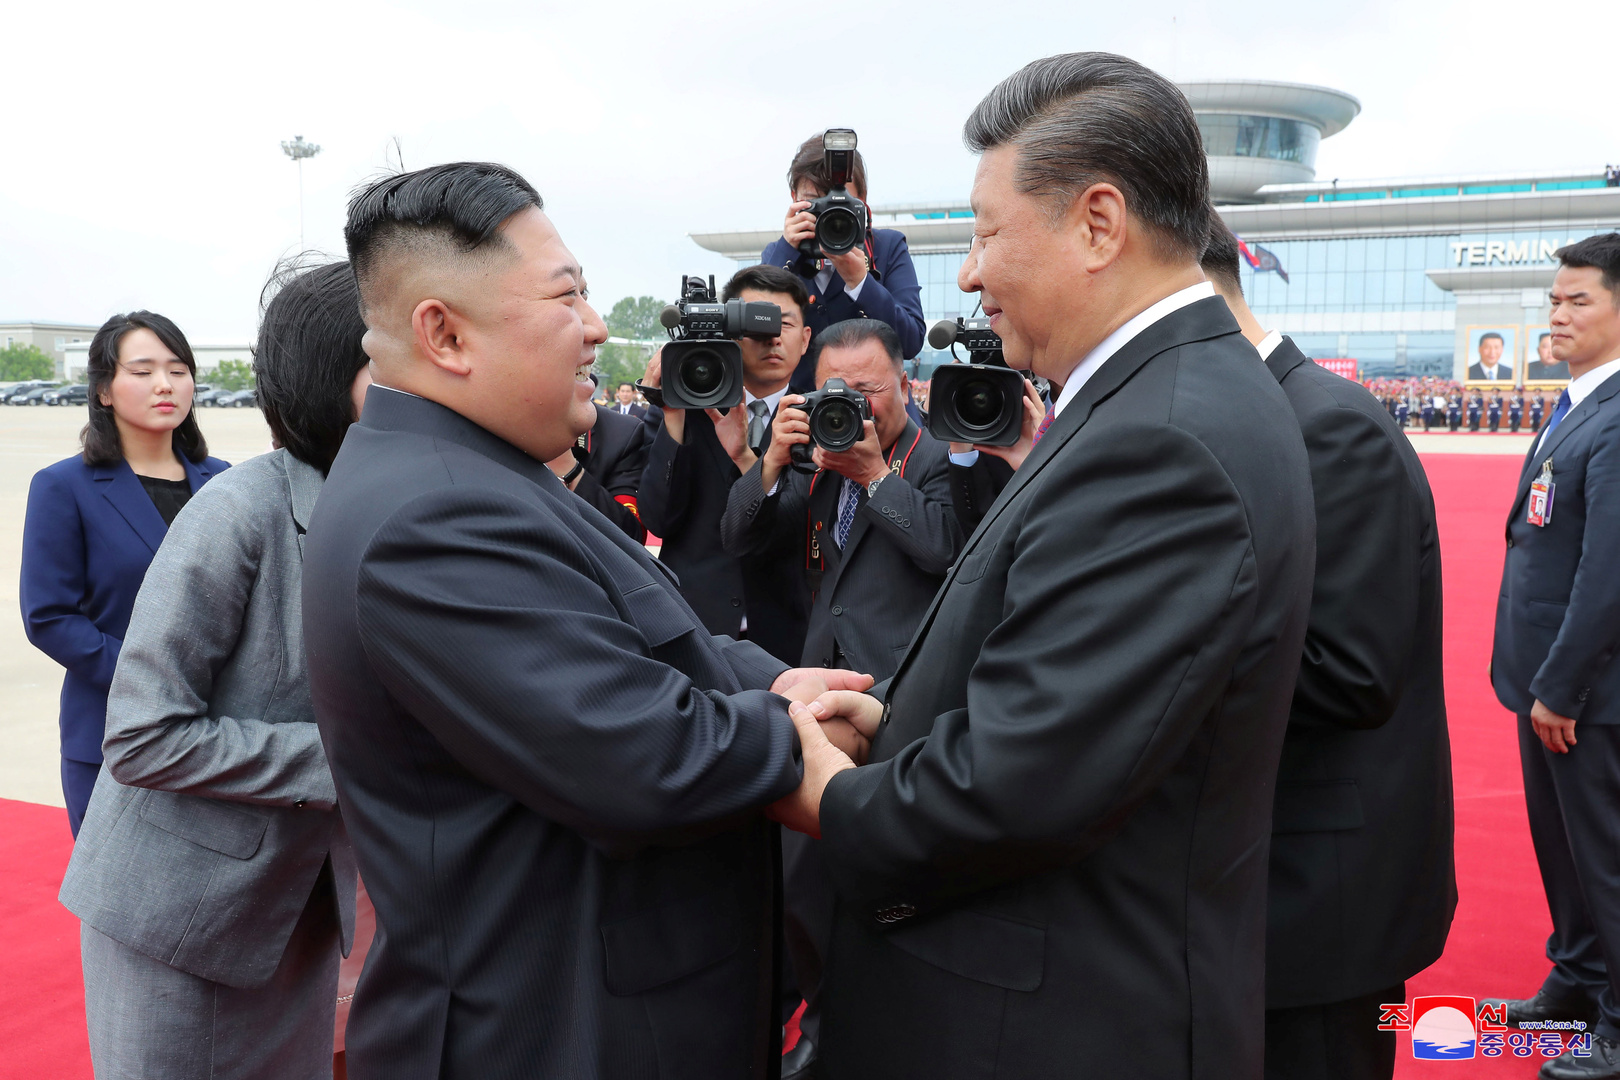 كيم يعرب عن تضامنه مع شي وشعبه في وجه